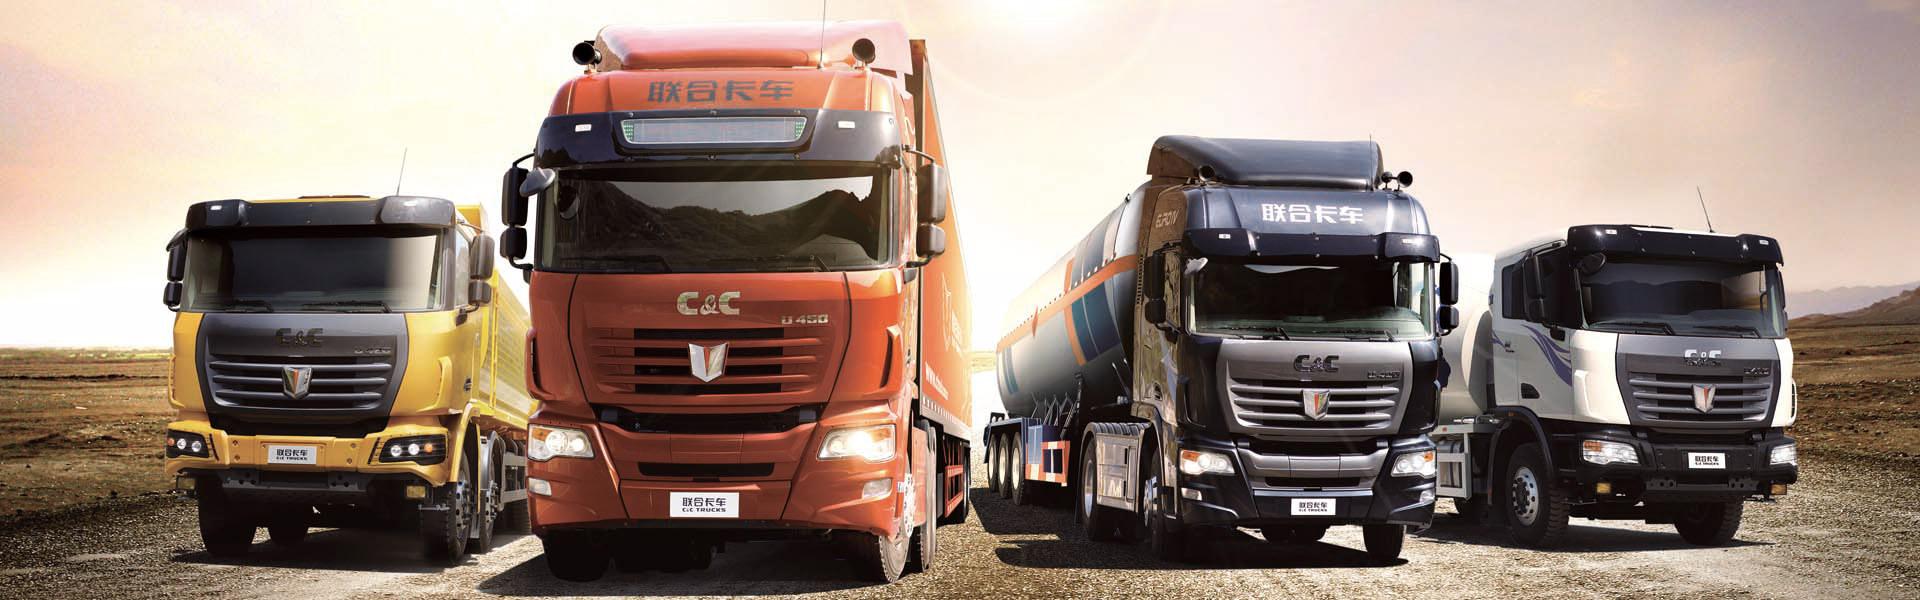 کامیون C&C